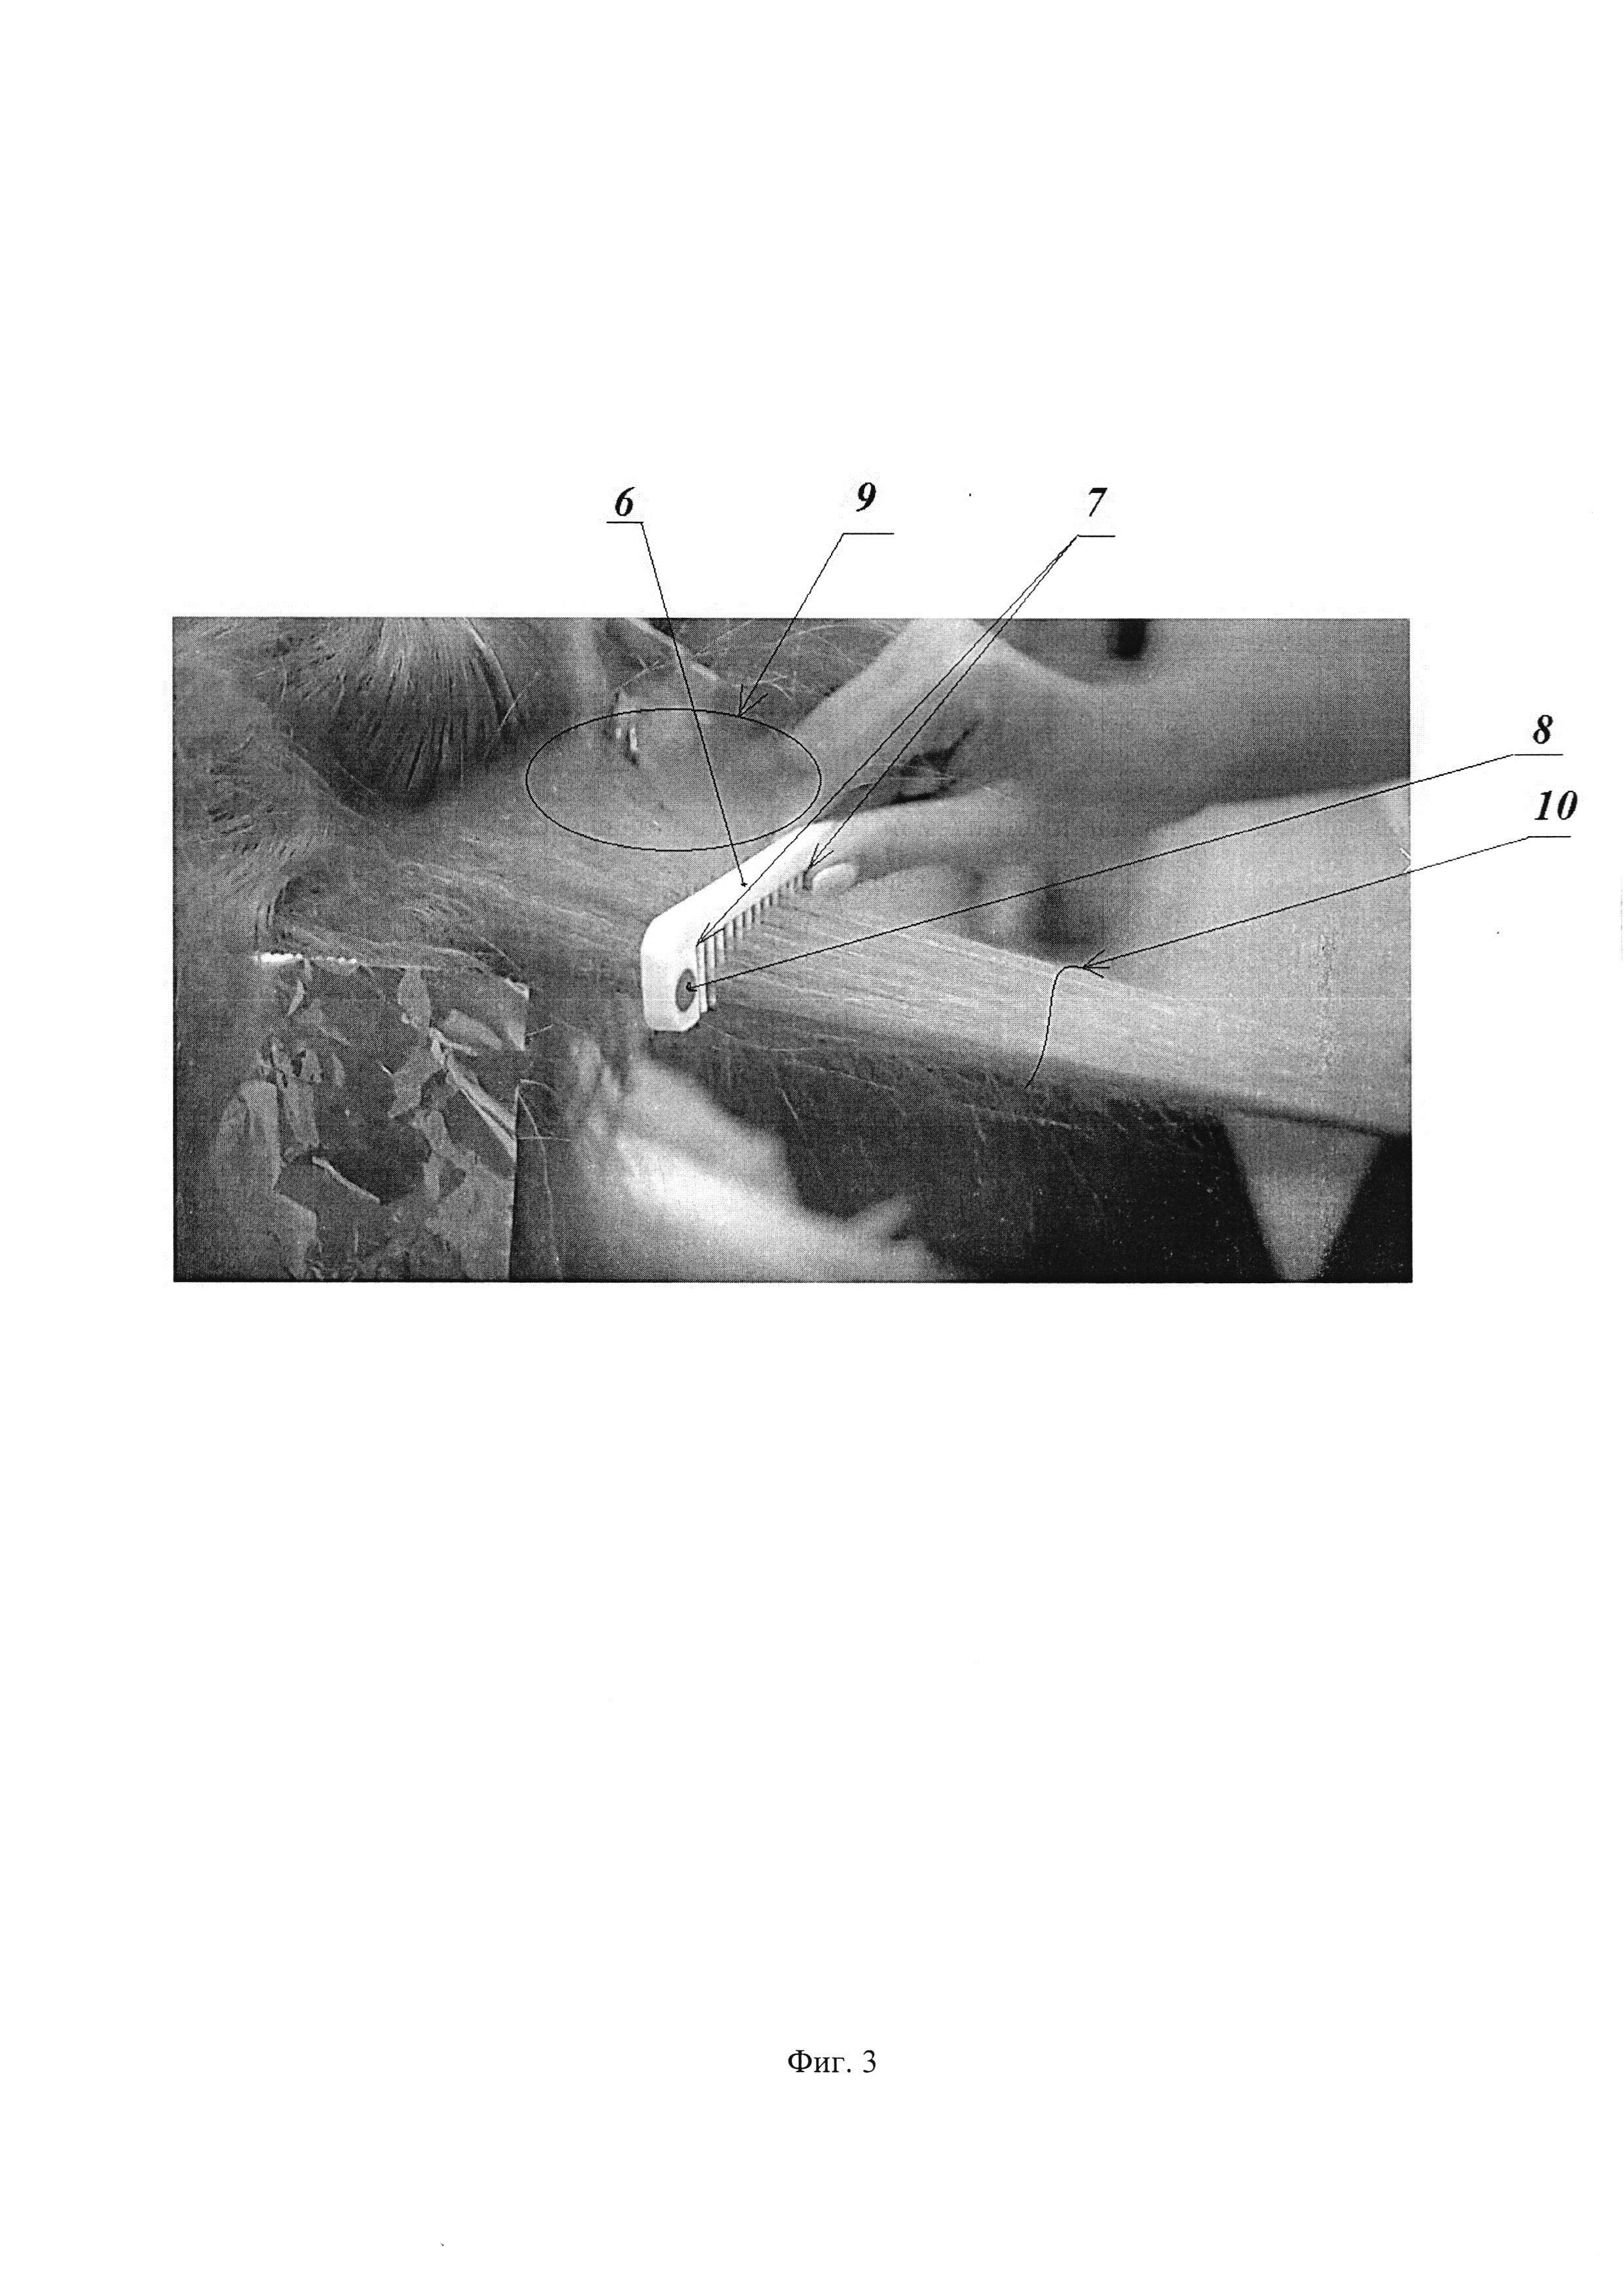 Способ окрашивания прядей волос и приспособление для реализации этого способа